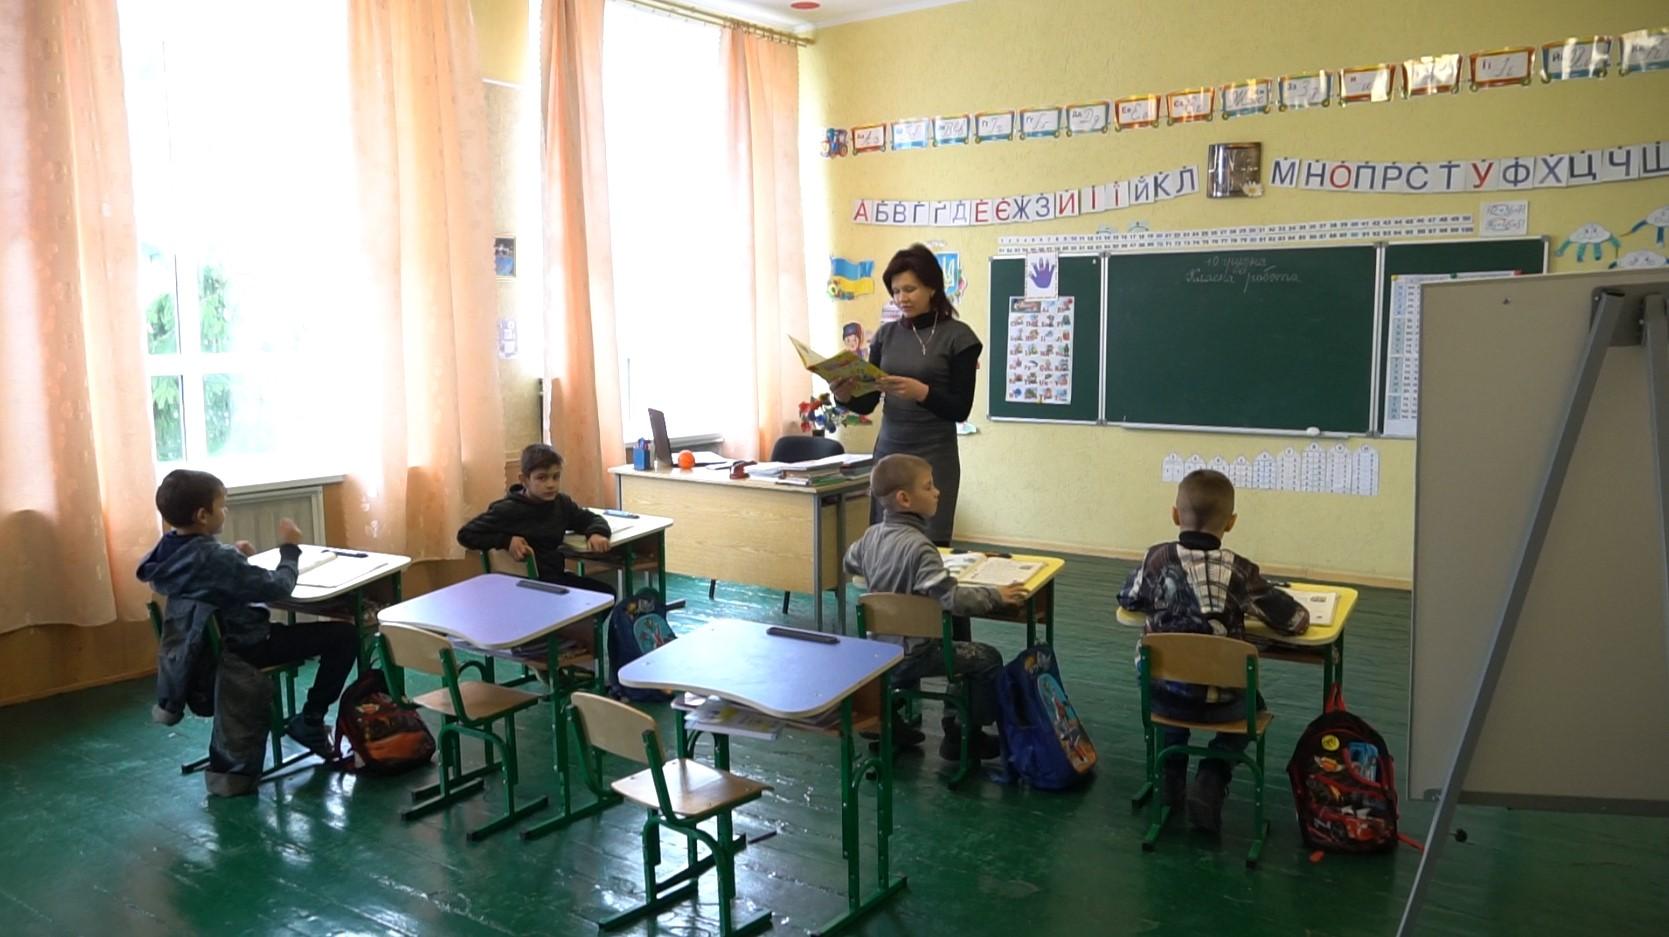 У класах тепло та затишно